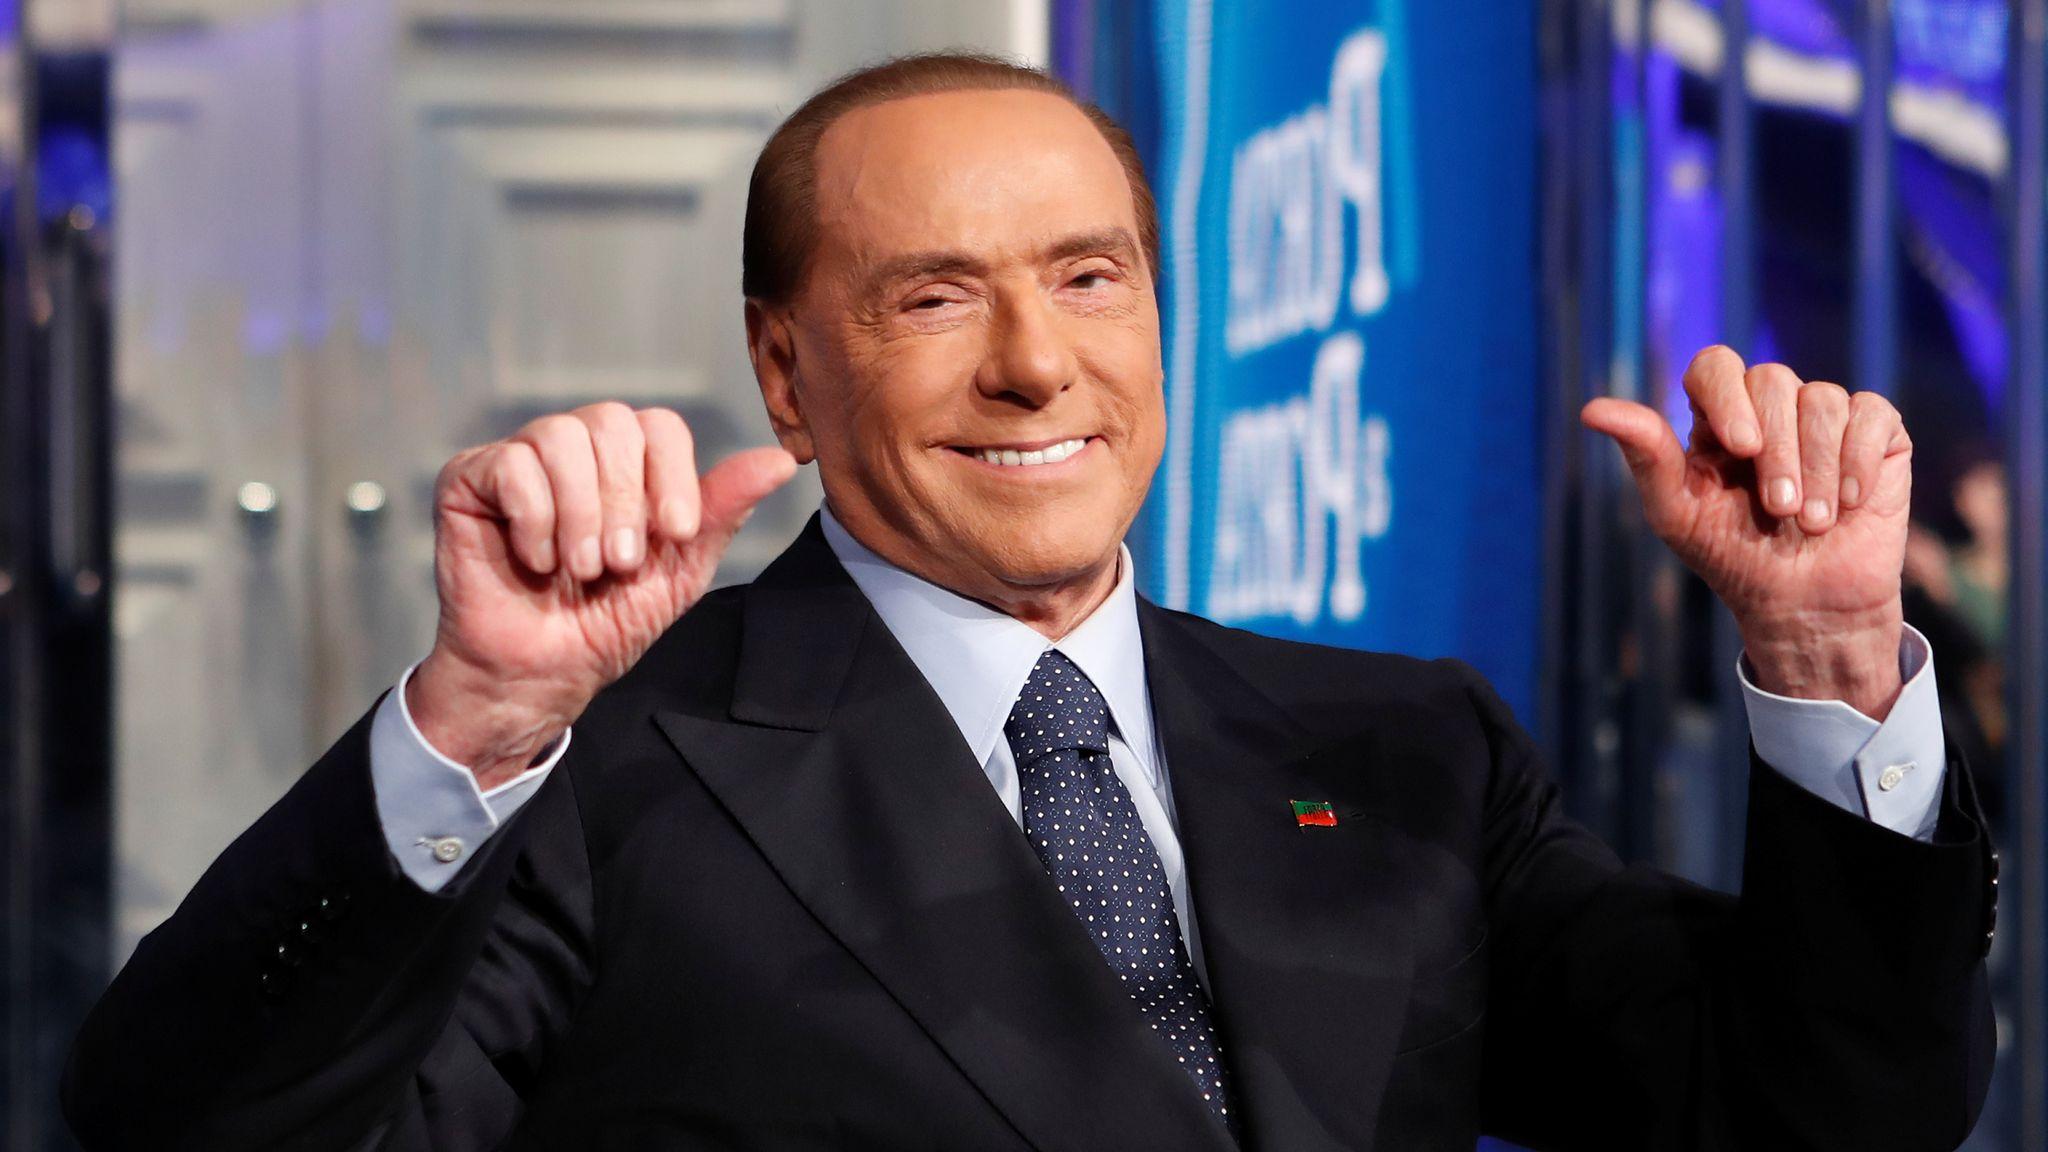 Silvio scoppia di salute e alle 11.30 di stamattina lascerà l'ospedale.<br> Berlusconi batte pure il corona